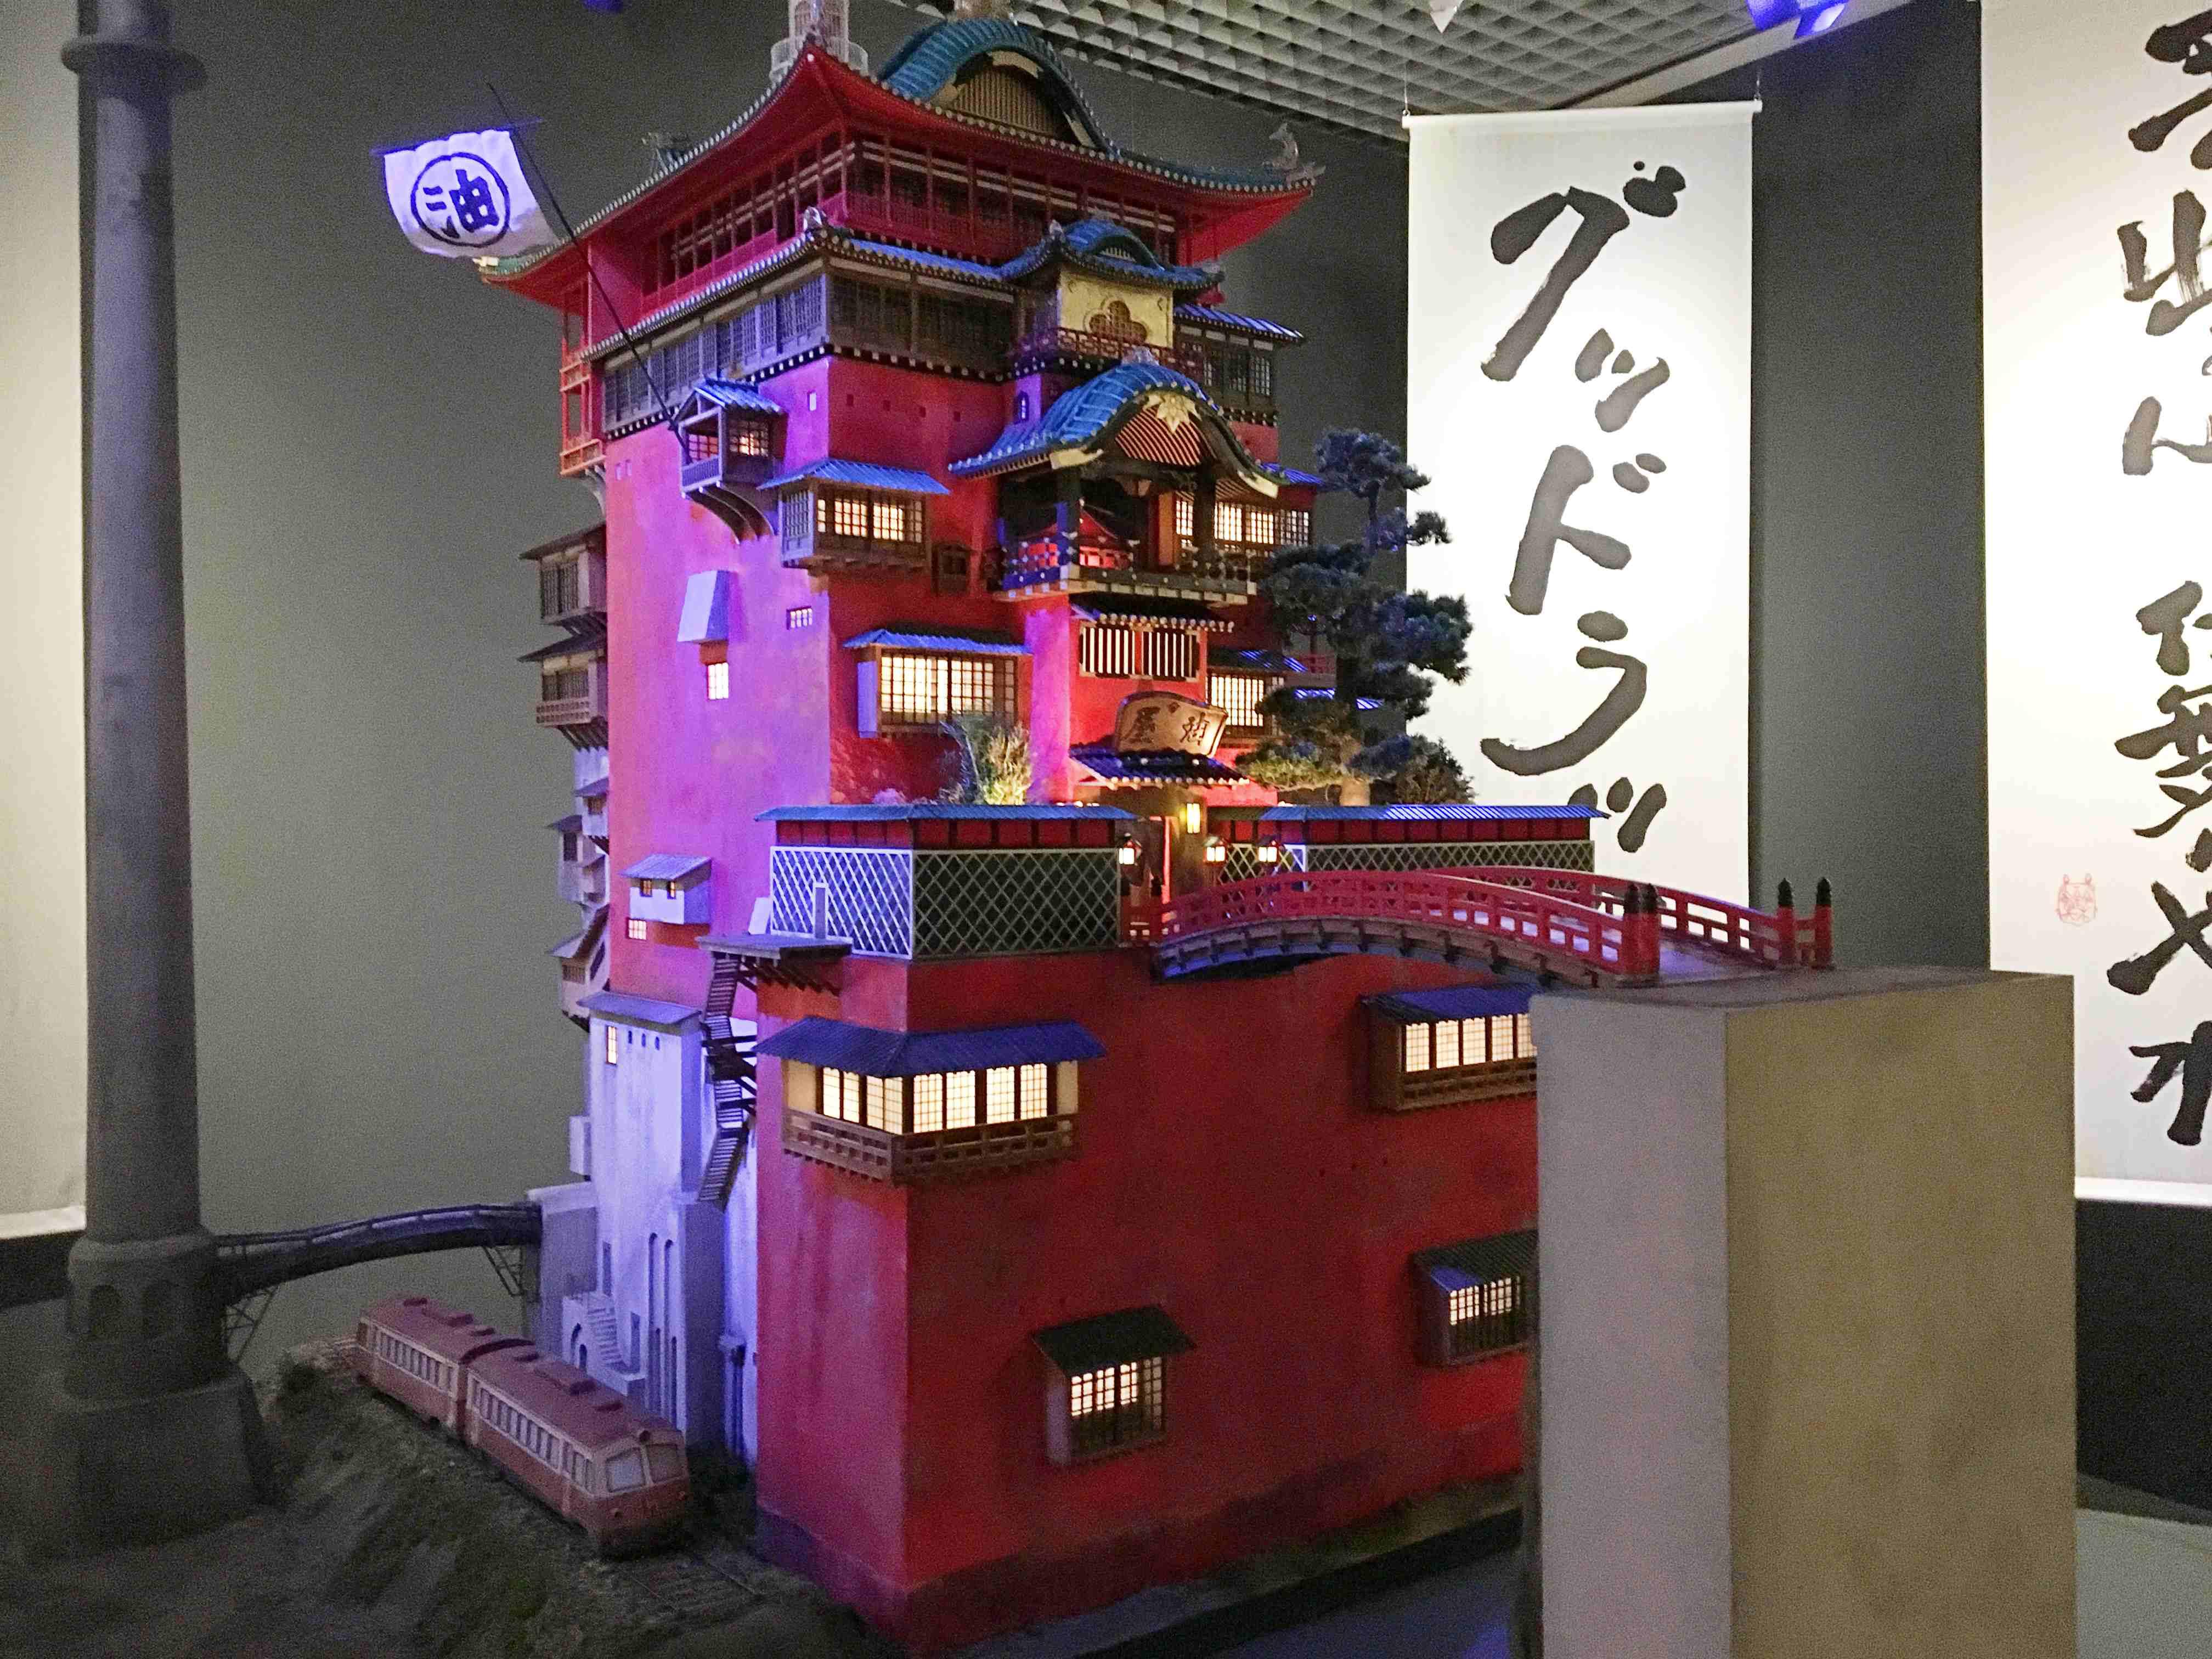 ジブリ作品の裏側まで。「スタジオジブリ 鈴木敏夫 言葉の魔法展」が松坂屋で開催 - IMG 2398